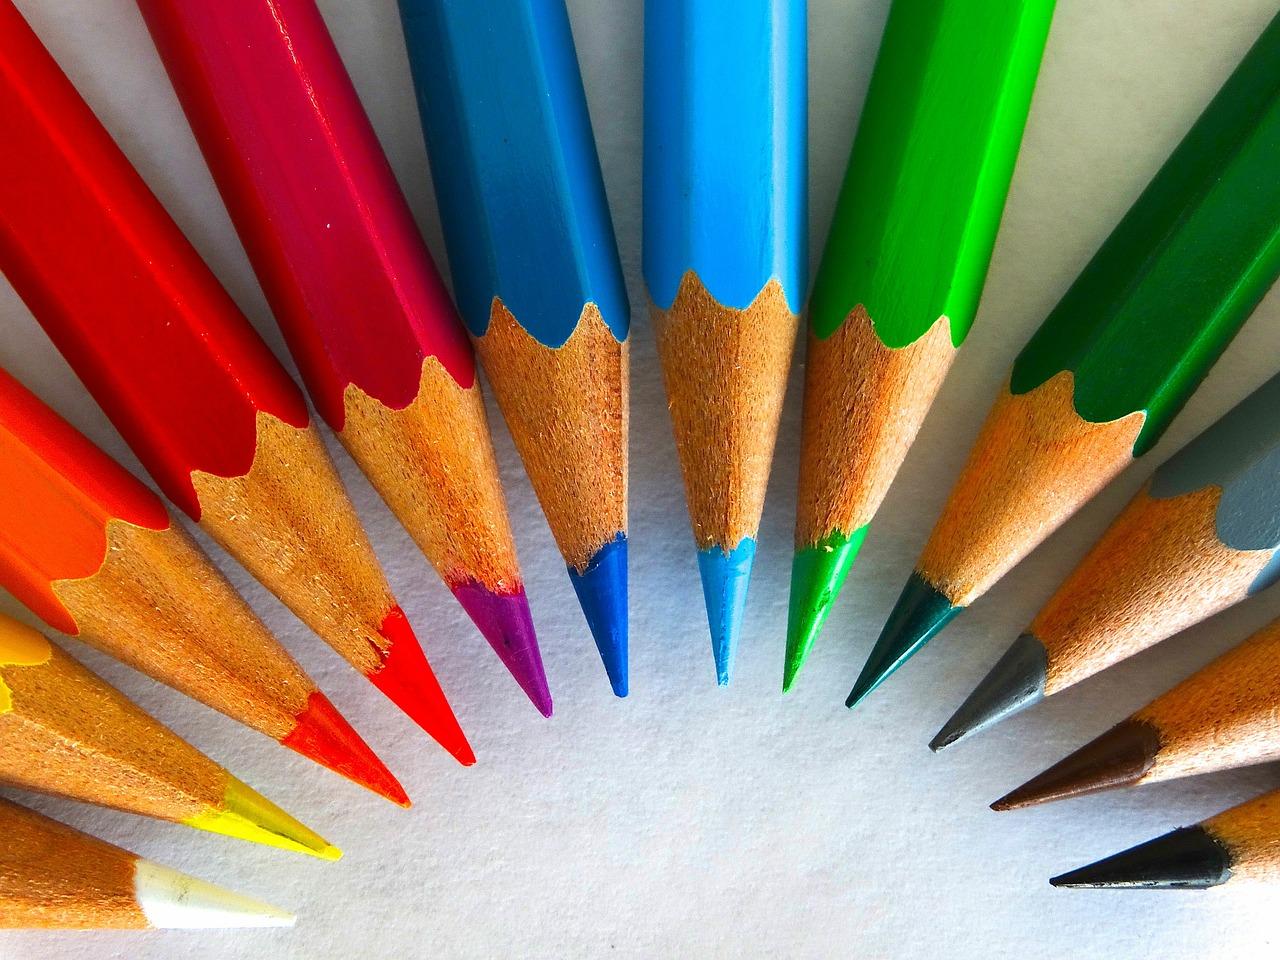 colour-pencils-450621_1280